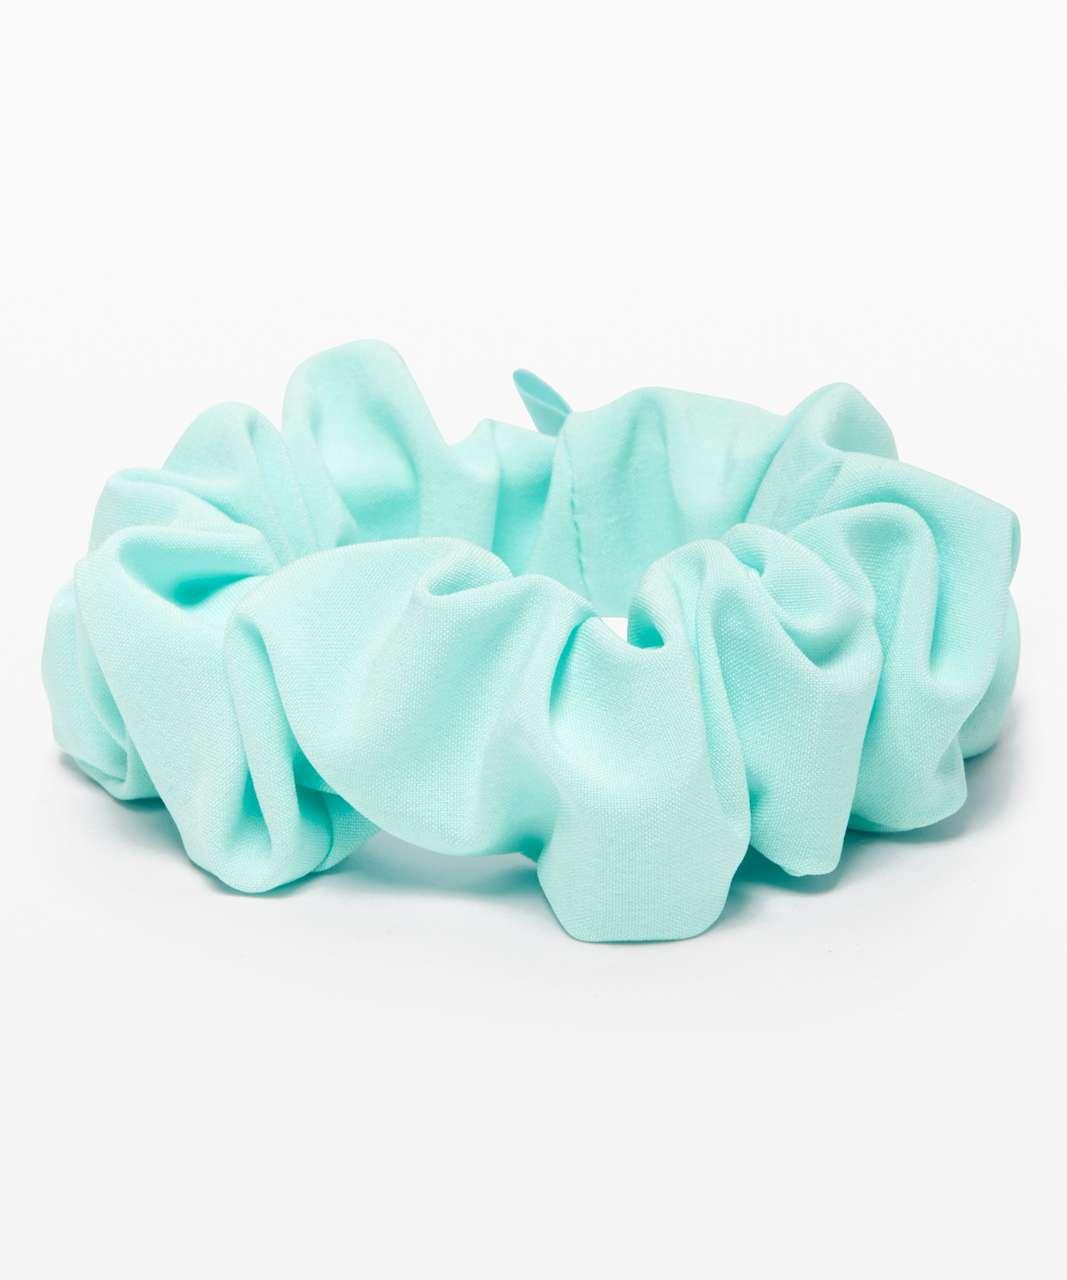 Lululemon Uplifting Scrunchie - Aquamarine